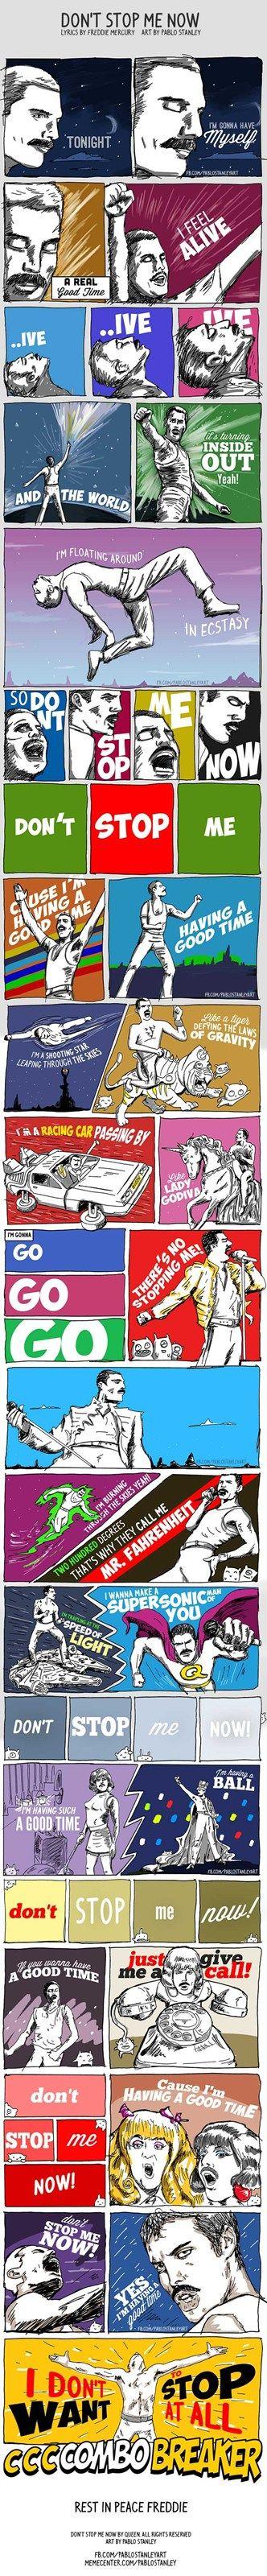 Don't Stop Me Now | Letra de musica, Freddie mercury y ...